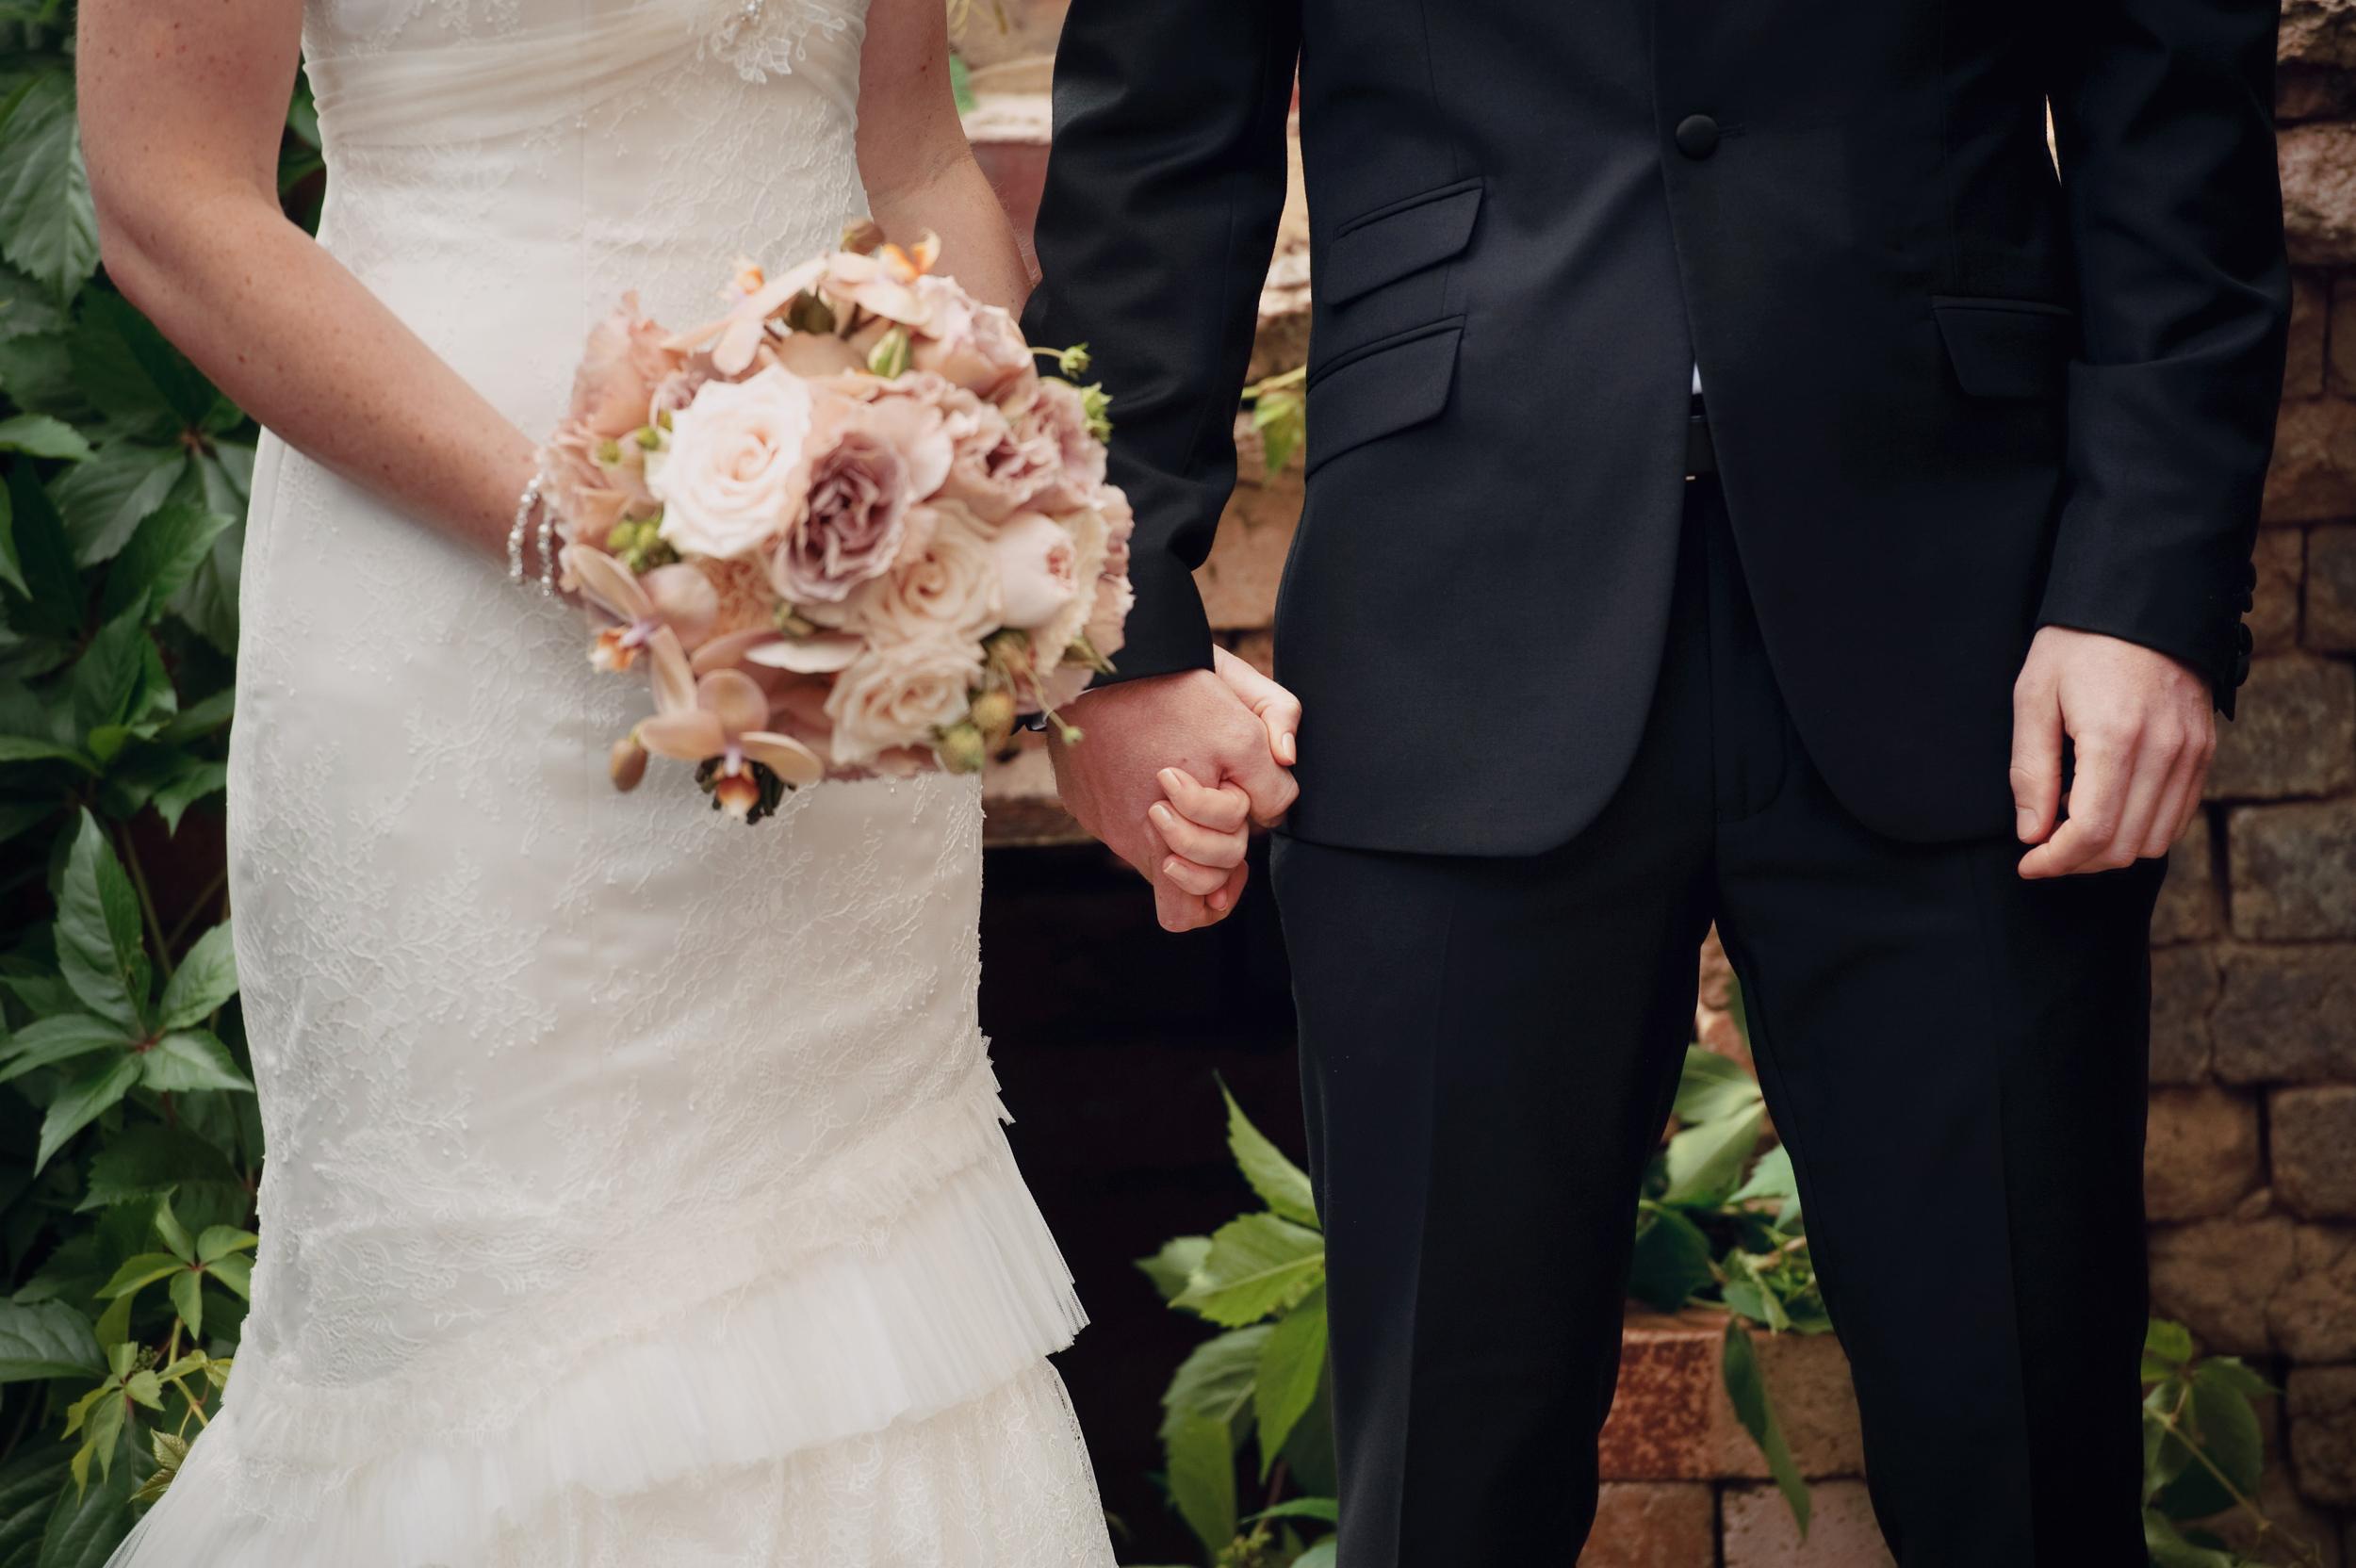 euroa_butter_factory_wedding_photography_77.jpg